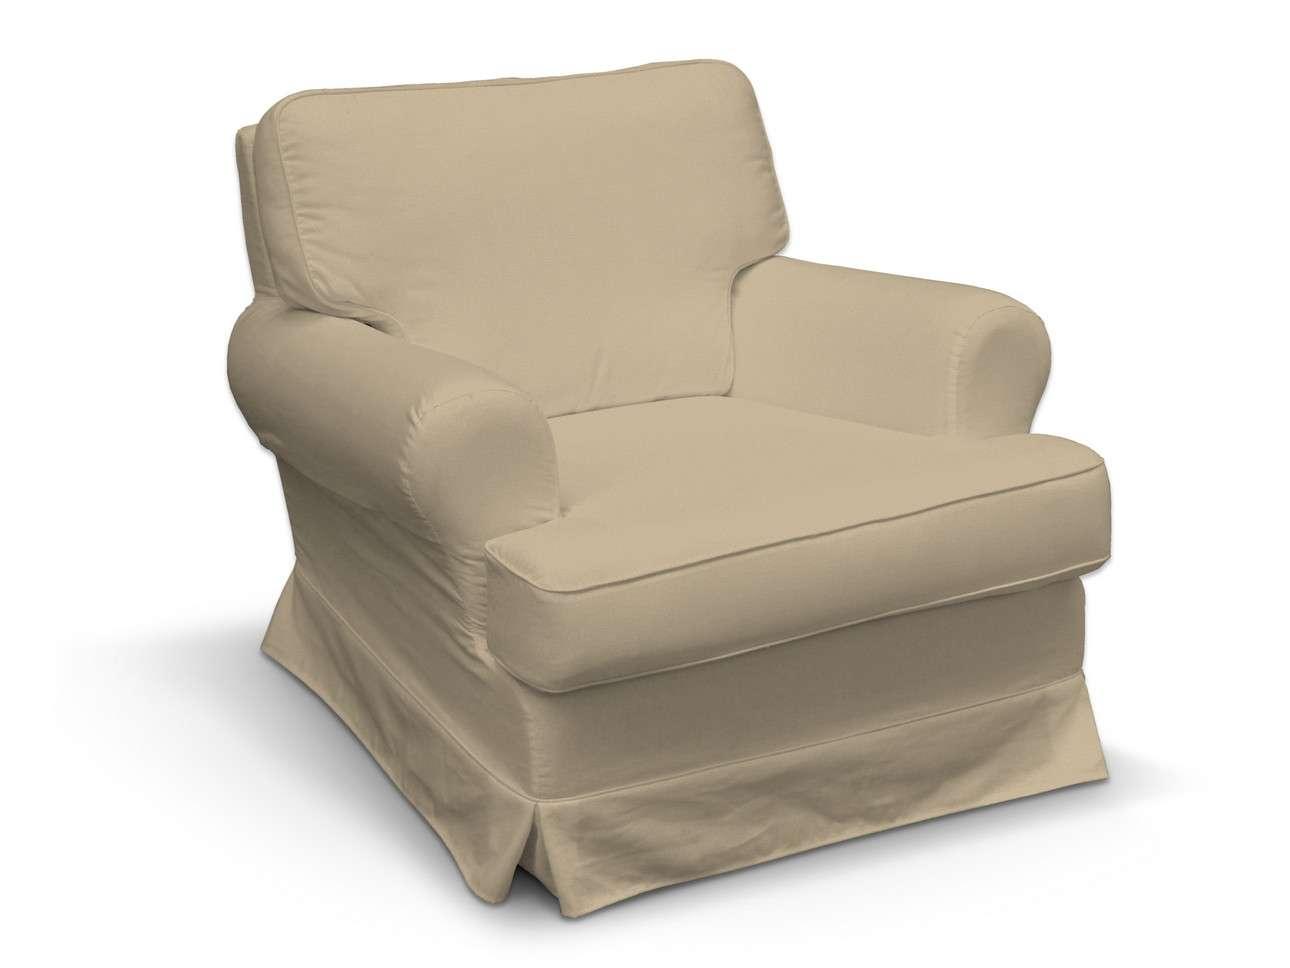 Bezug für Barkaby Sessel von der Kollektion Living II, Stoff: 160-82